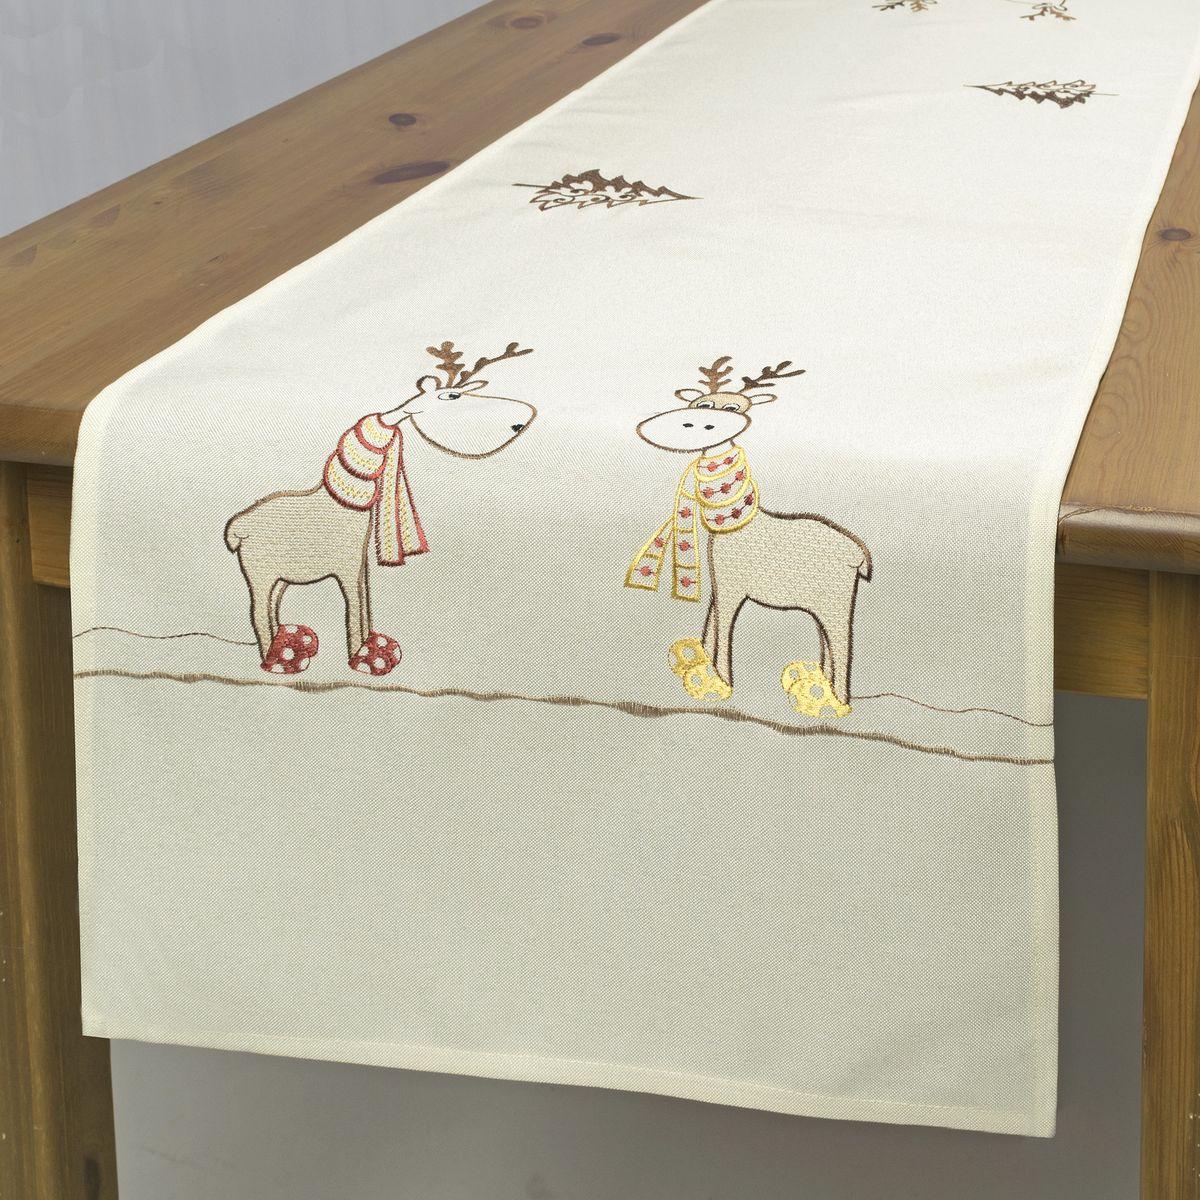 Дорожка для декорирования стола Schaefer, цвет: бежевый, 40 х 140 см 07672-21107672-211Дорожка Schaefer, выполненная из полиэстера, станет изысканным украшением интерьера в преддверии Нового года. Изделие декорировано красивой вышивкой в виде елочек и забавных оленей. Такую дорожку можно использовать для украшения комодов, тумб и столов.За текстилем из полиэстера очень легко ухаживать: он легко стирается, не мнется, не садится и быстро сохнет, более долговечен, чем текстиль из натуральных волокон. Такая дорожка изящно дополнит интерьер вашего дома.